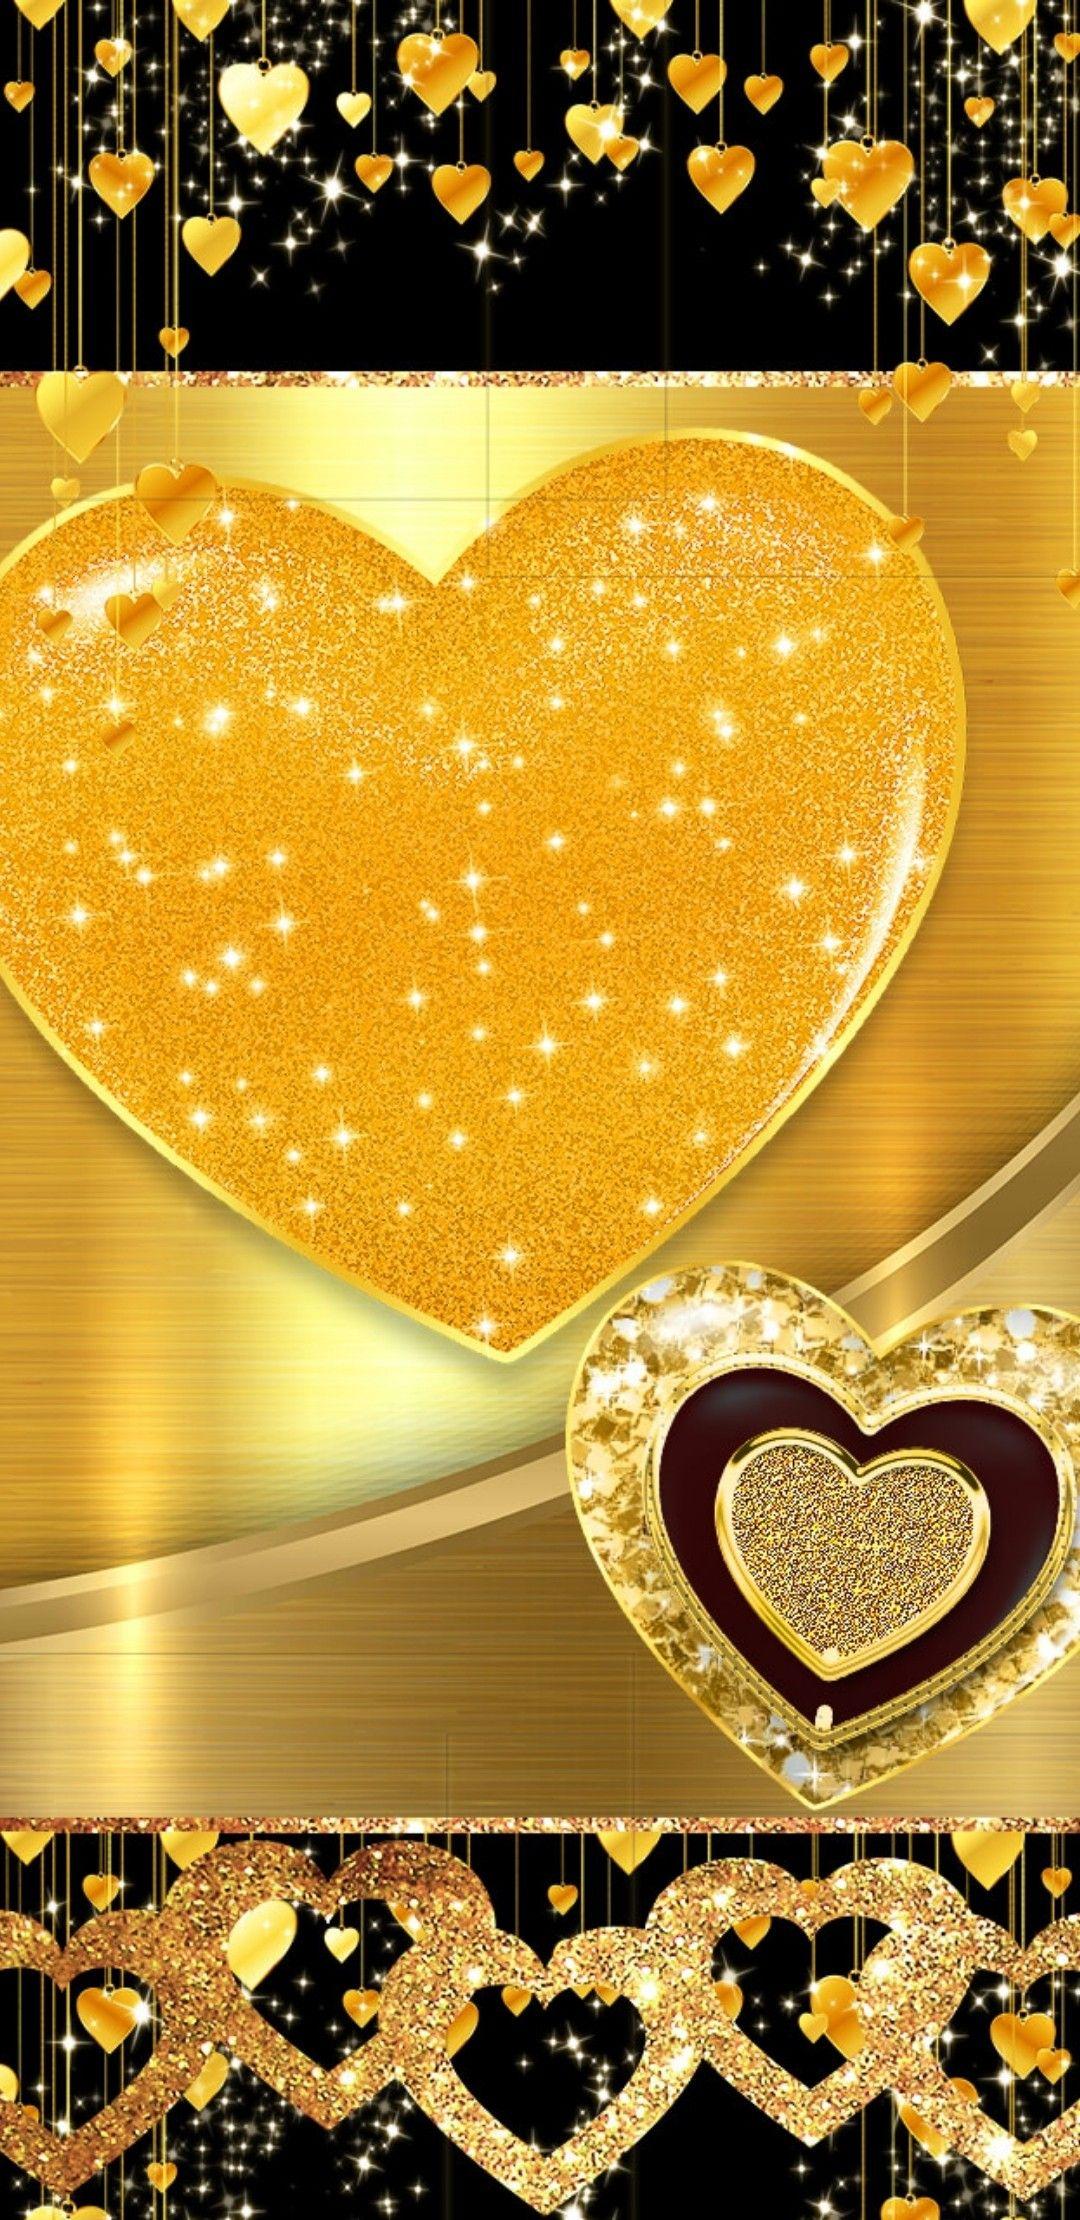 Wallpaper Iphone Wallpaper Heart Wallpaper Wallpaper